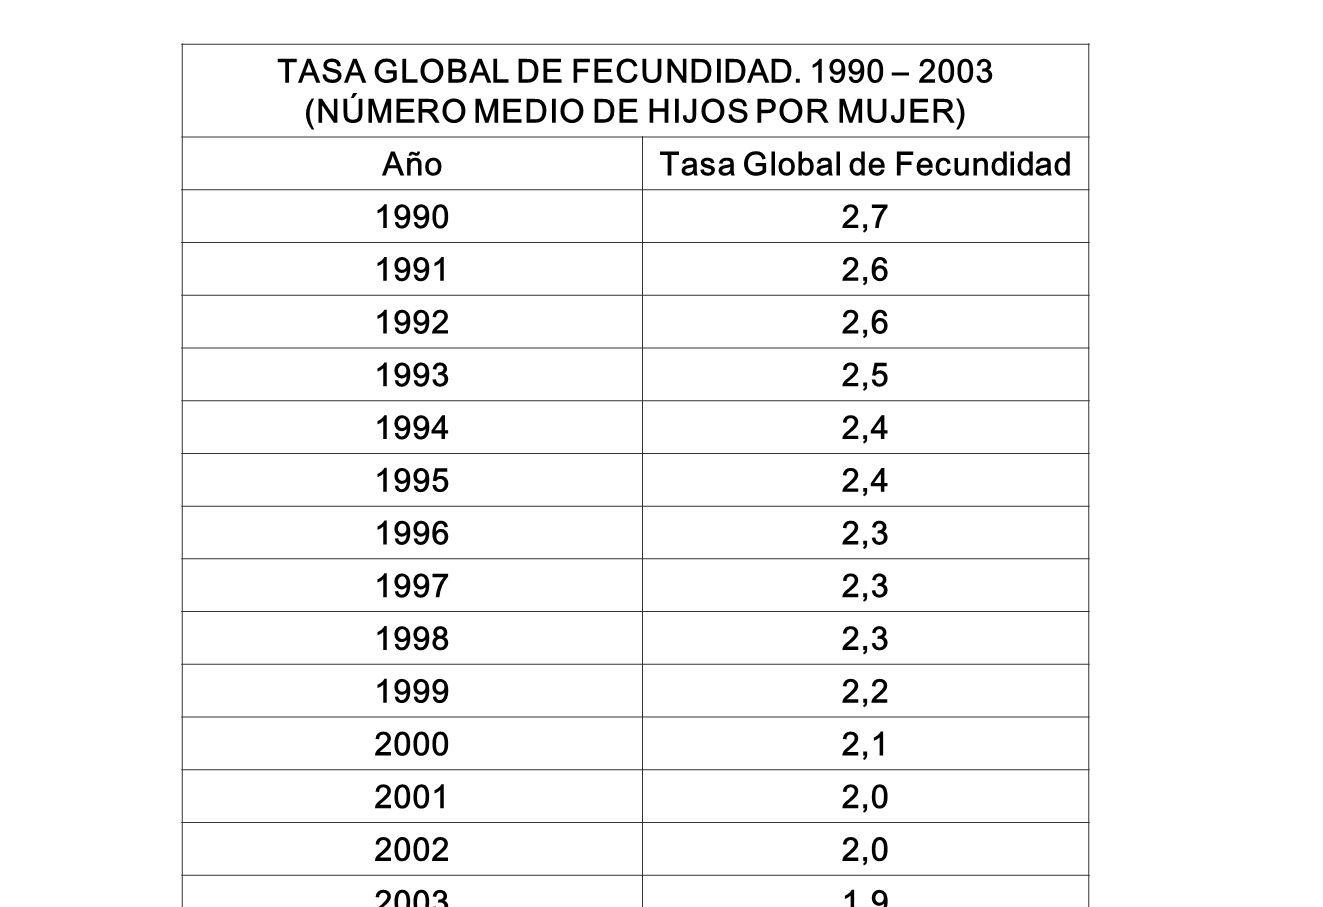 (NÚMERO MEDIO DE HIJOS POR MUJER) Tasa Global de Fecundidad